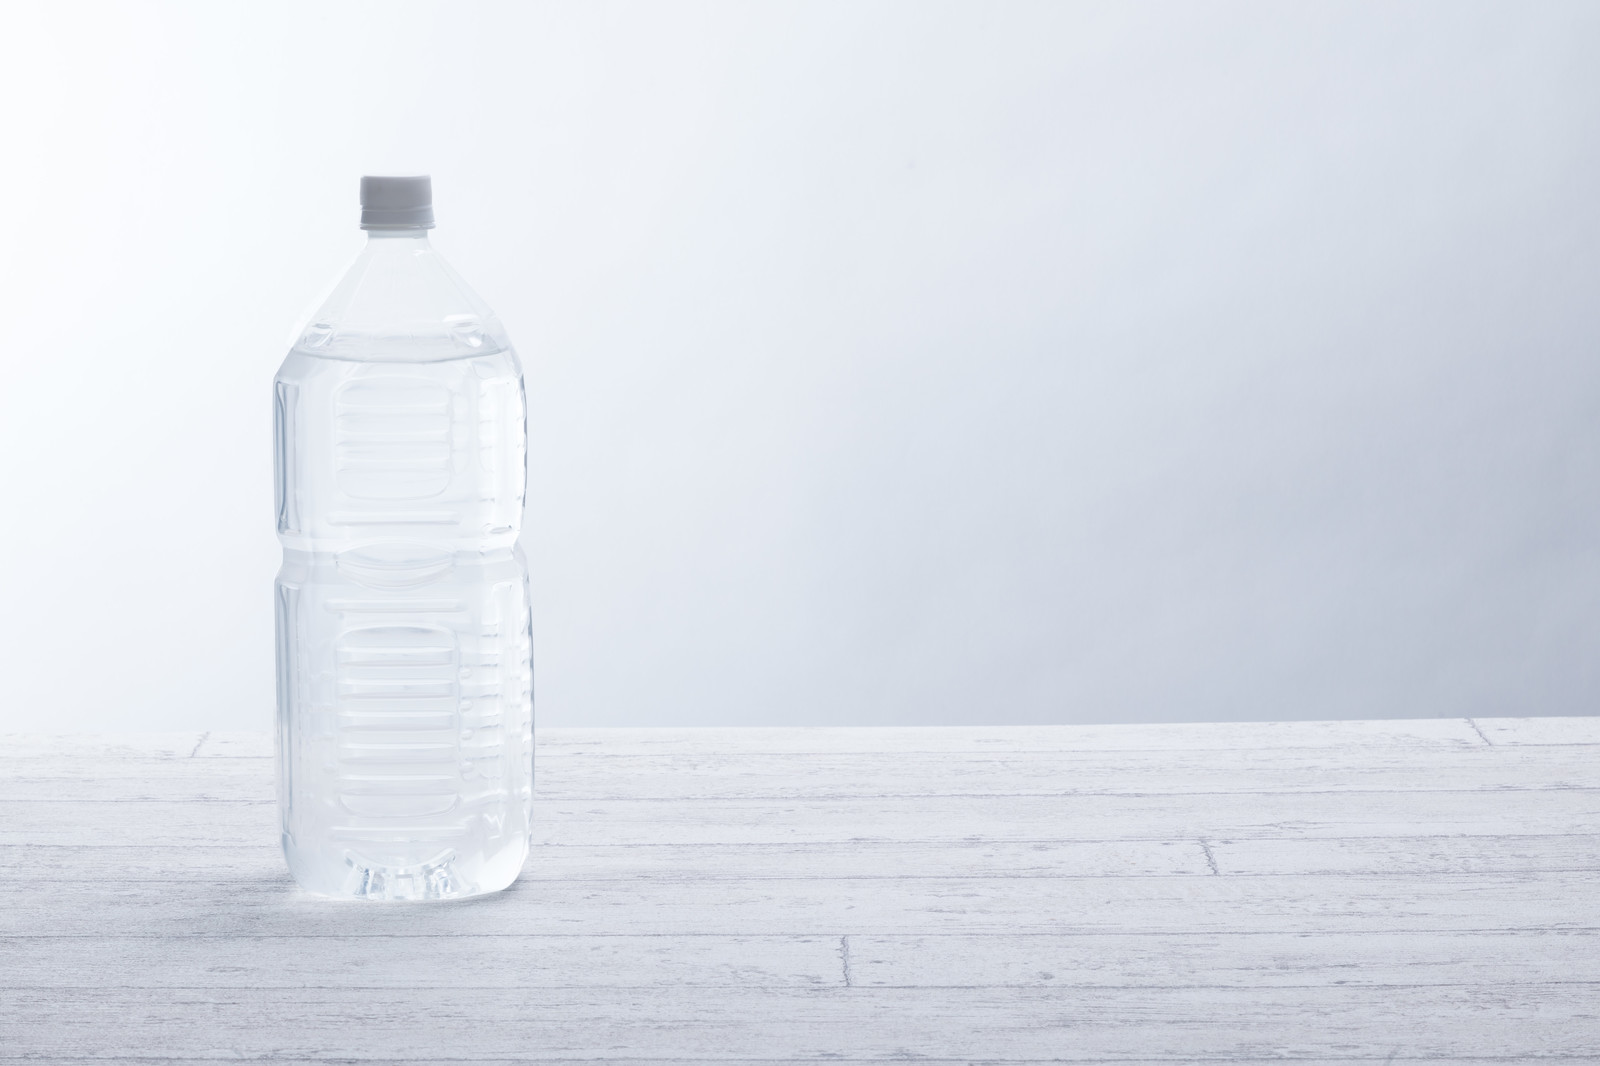 「ミネラルウォーターが入った2リットルペットボトル | 写真の無料素材・フリー素材 - ぱくたそ」の写真